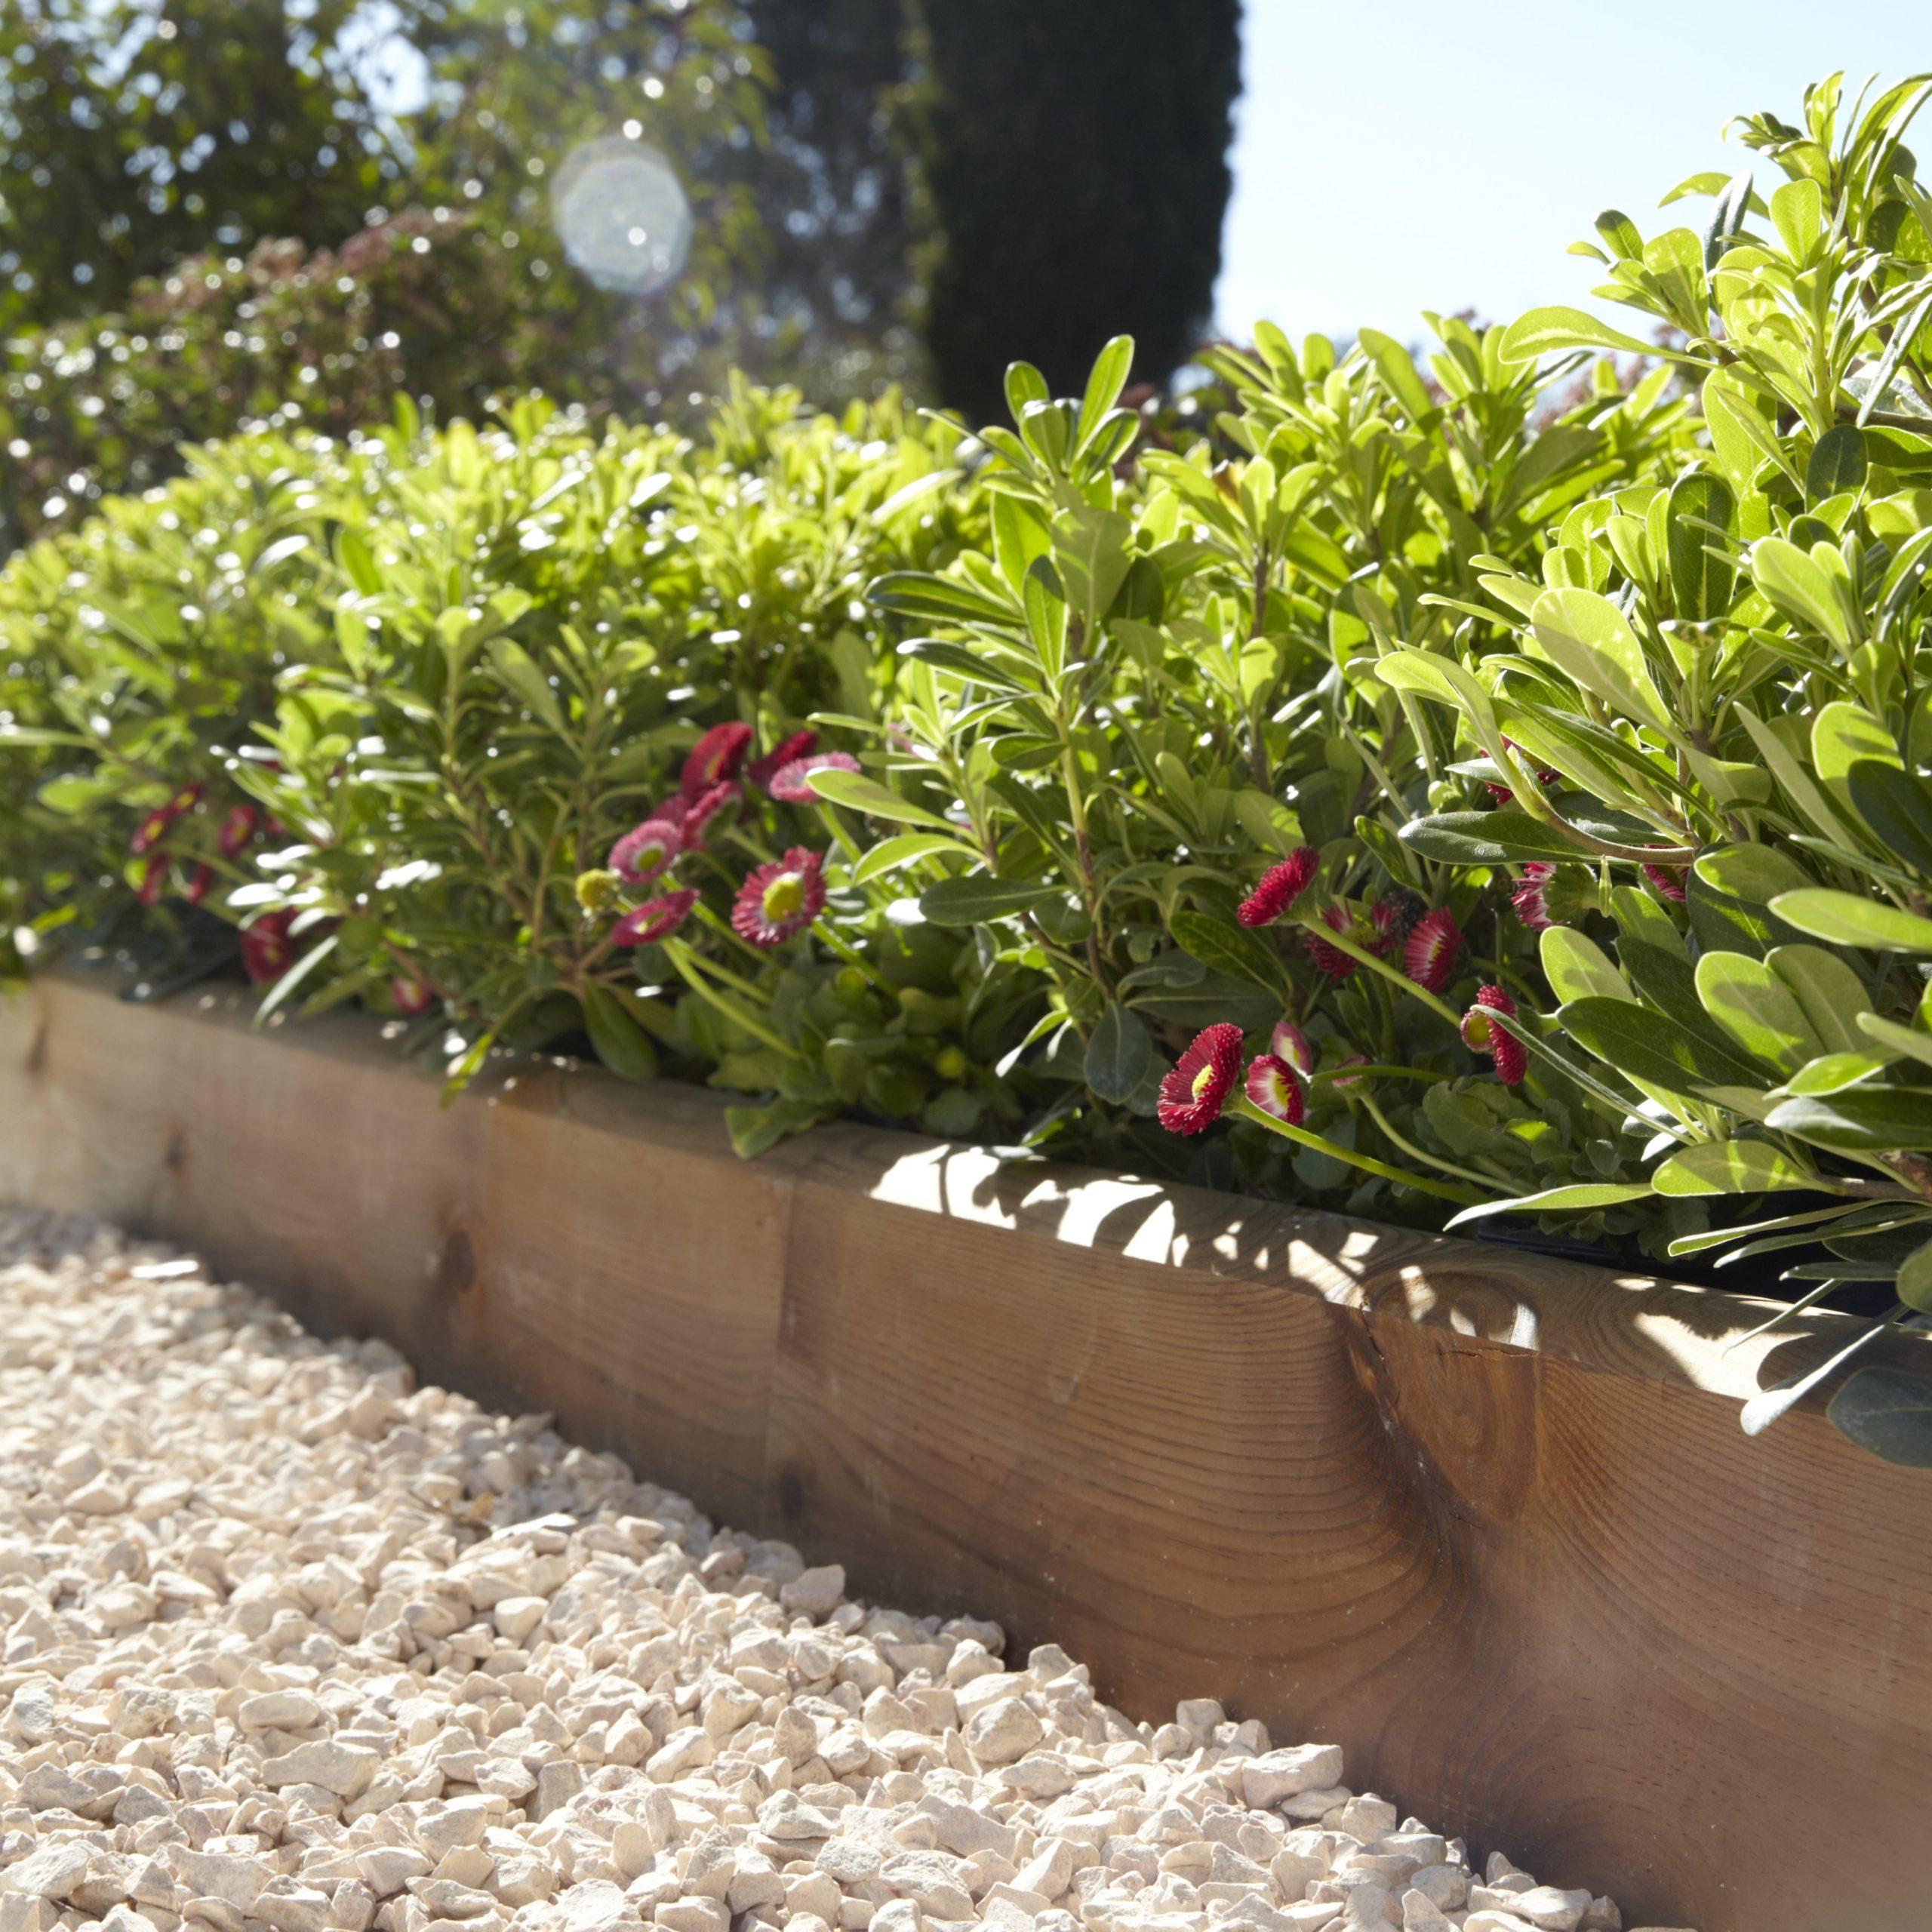 Bordure À Planter Kuhmo Bois Marron, H.20 X L.120 Cm concernant Bordures Bois Jardin